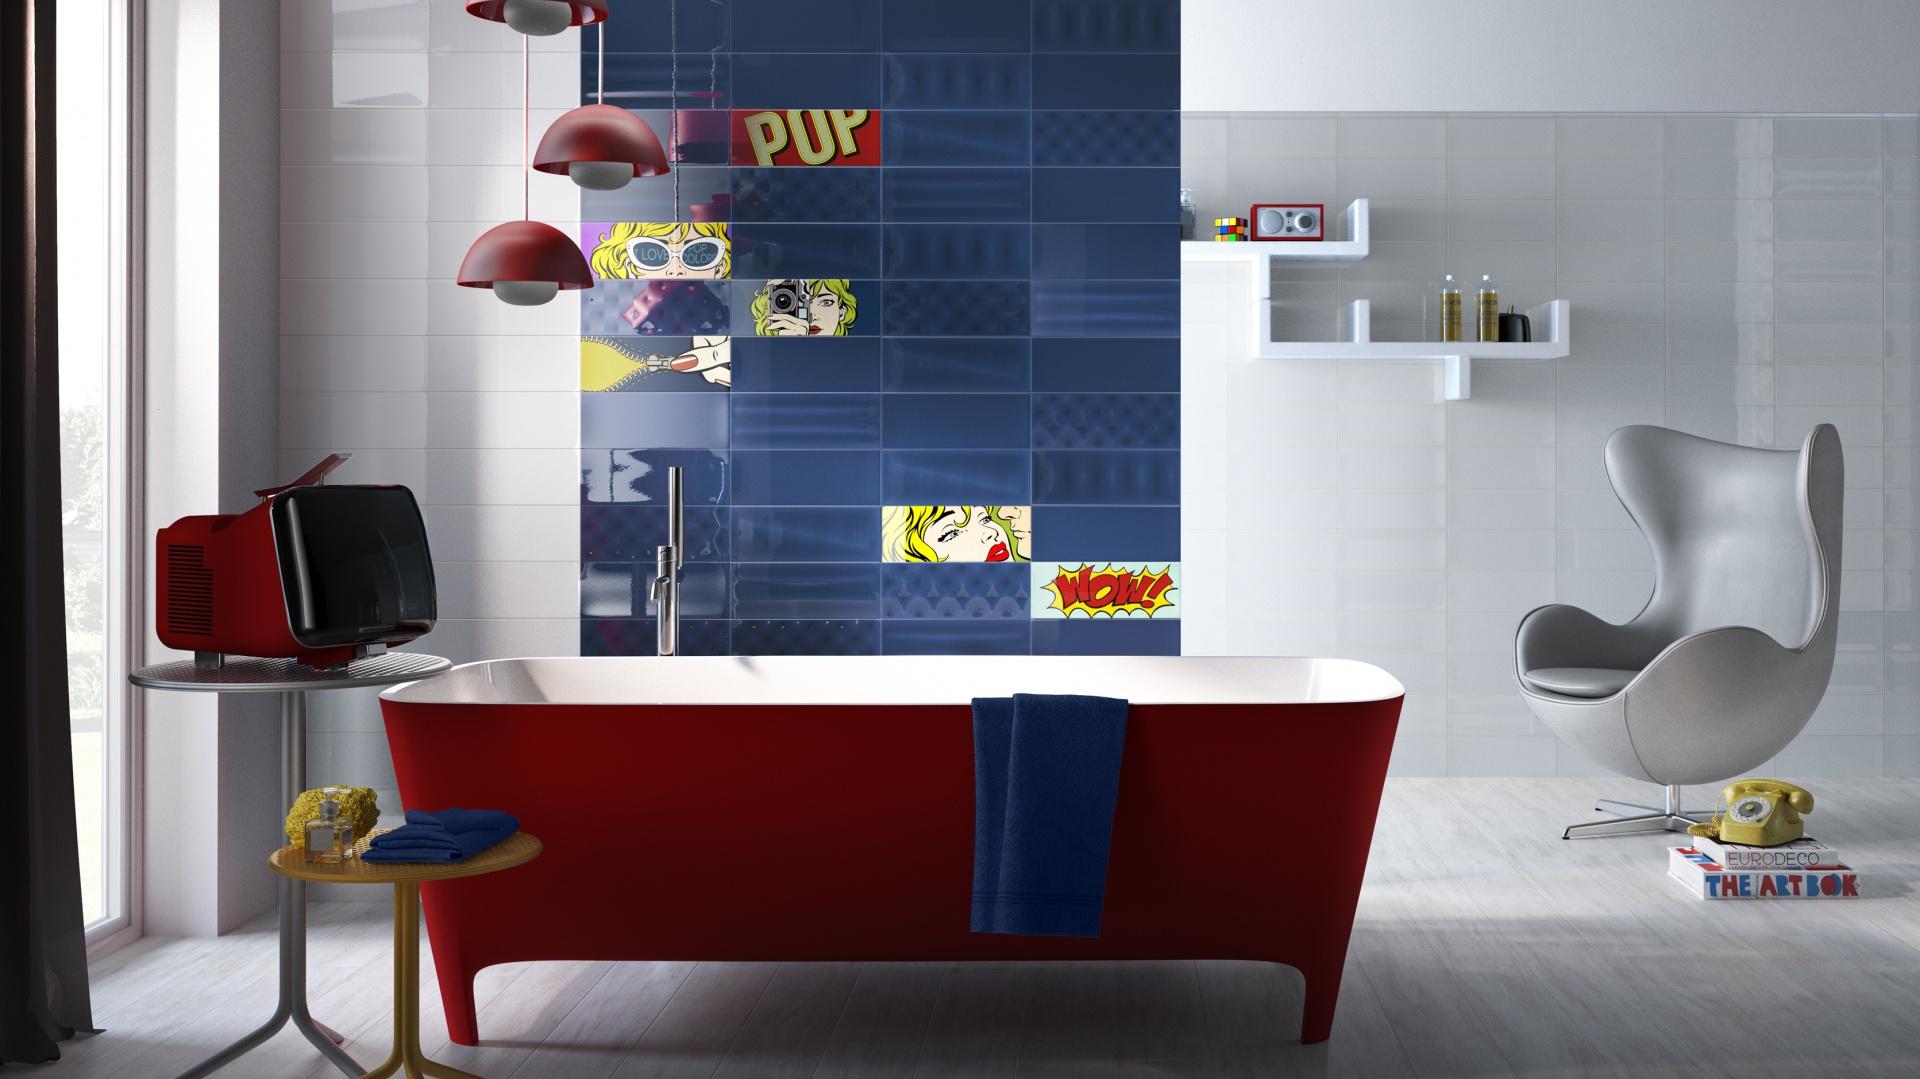 Wzory płytek dekoracyjnych z kolekcji POP  inspirowane są twórczością Roya Lichtensteina, twórcy słynnych popartowskich komiksowych obrazów. Fot. Imola Ceramica